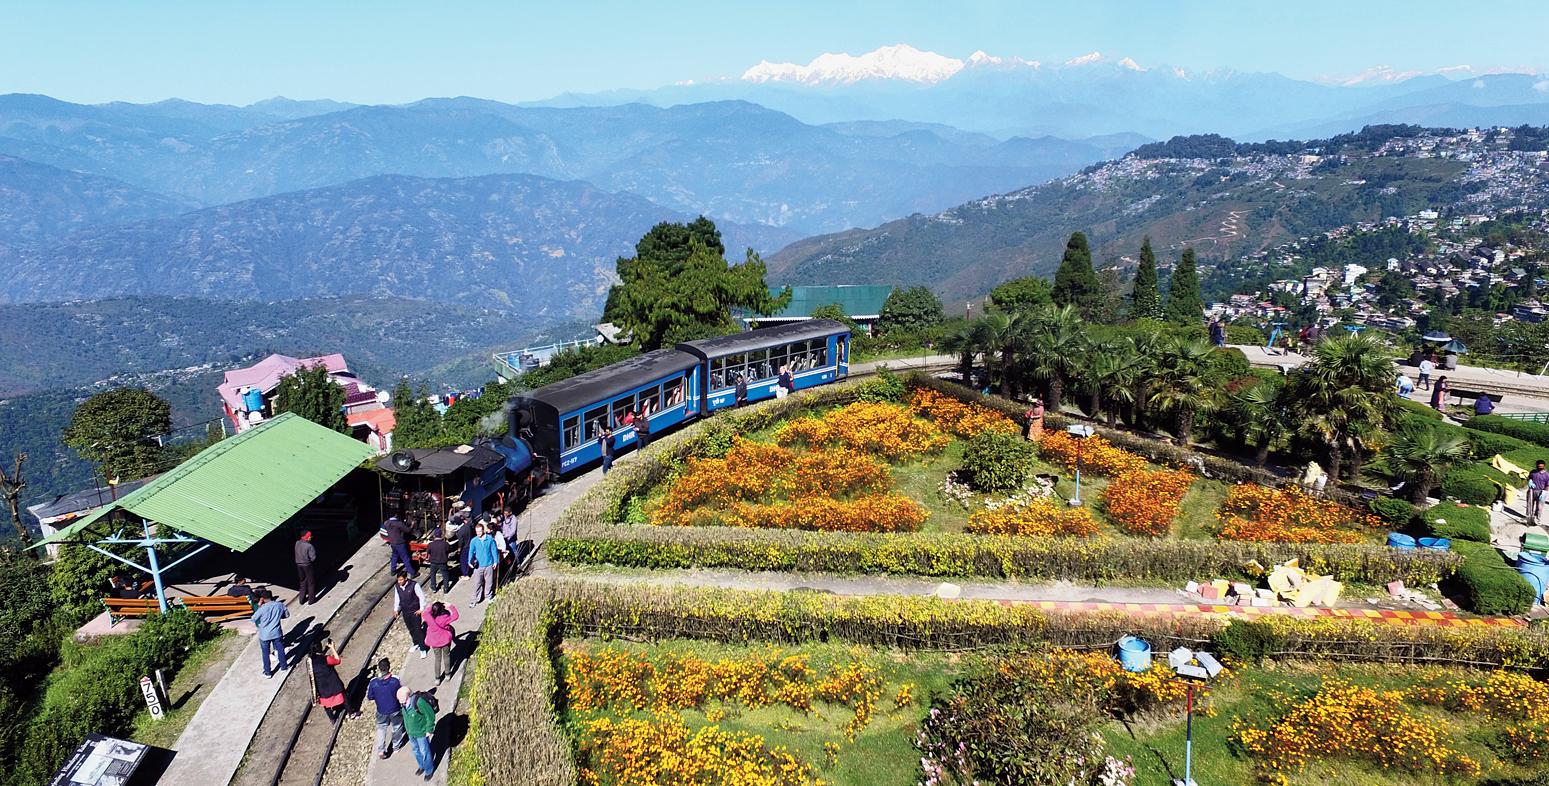 Tuyến đường sắt Darjeeling Himalaya - Di sản Công nghiệp ở Ấn Độ